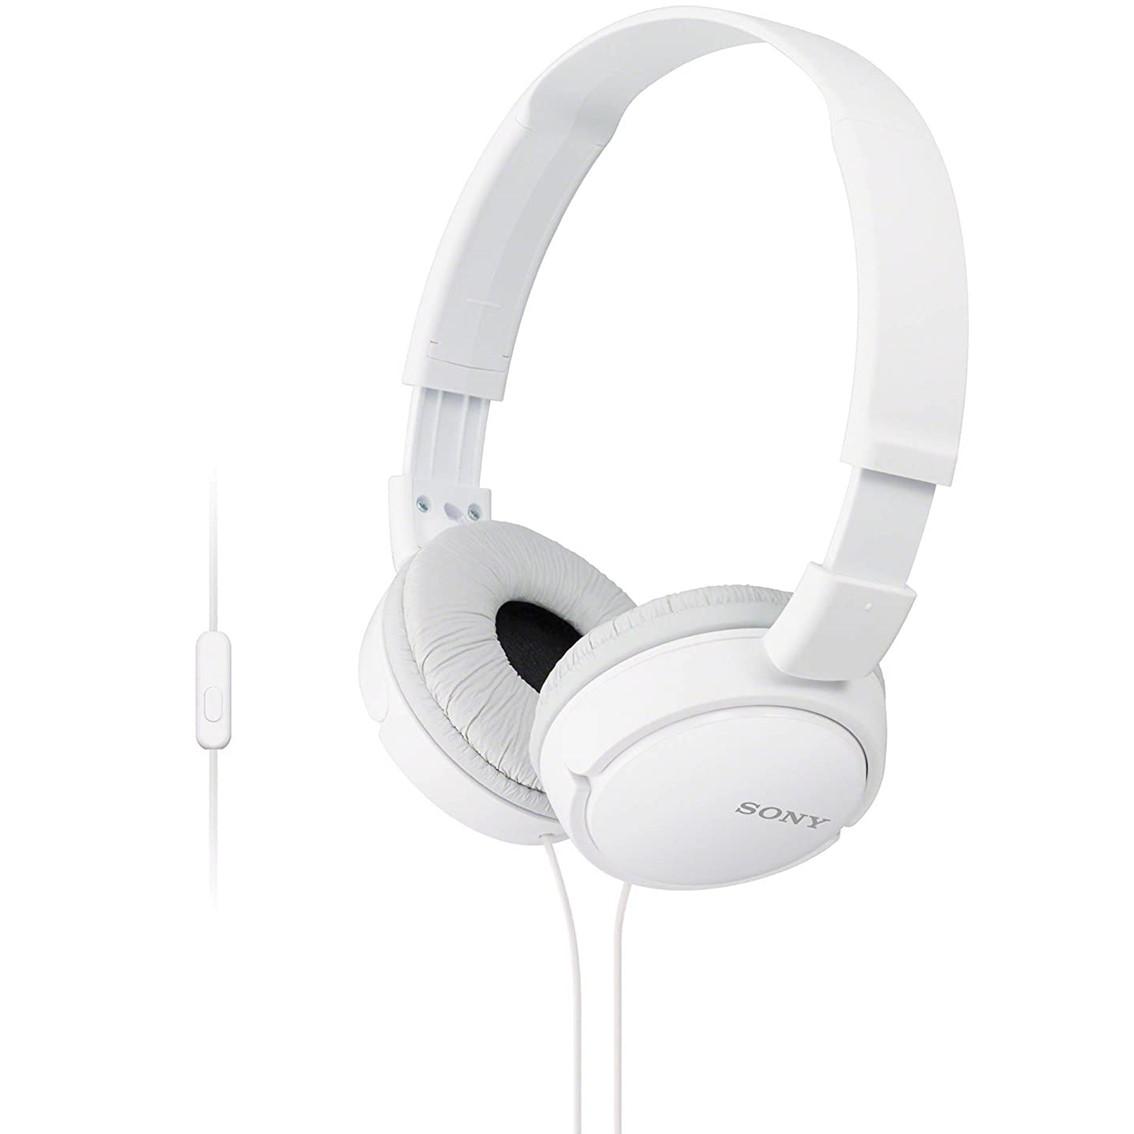 Auriculares Sony Mdrzx110apw  /  Blanco  /  Pleglable  /  Microfono MDRZX110APW